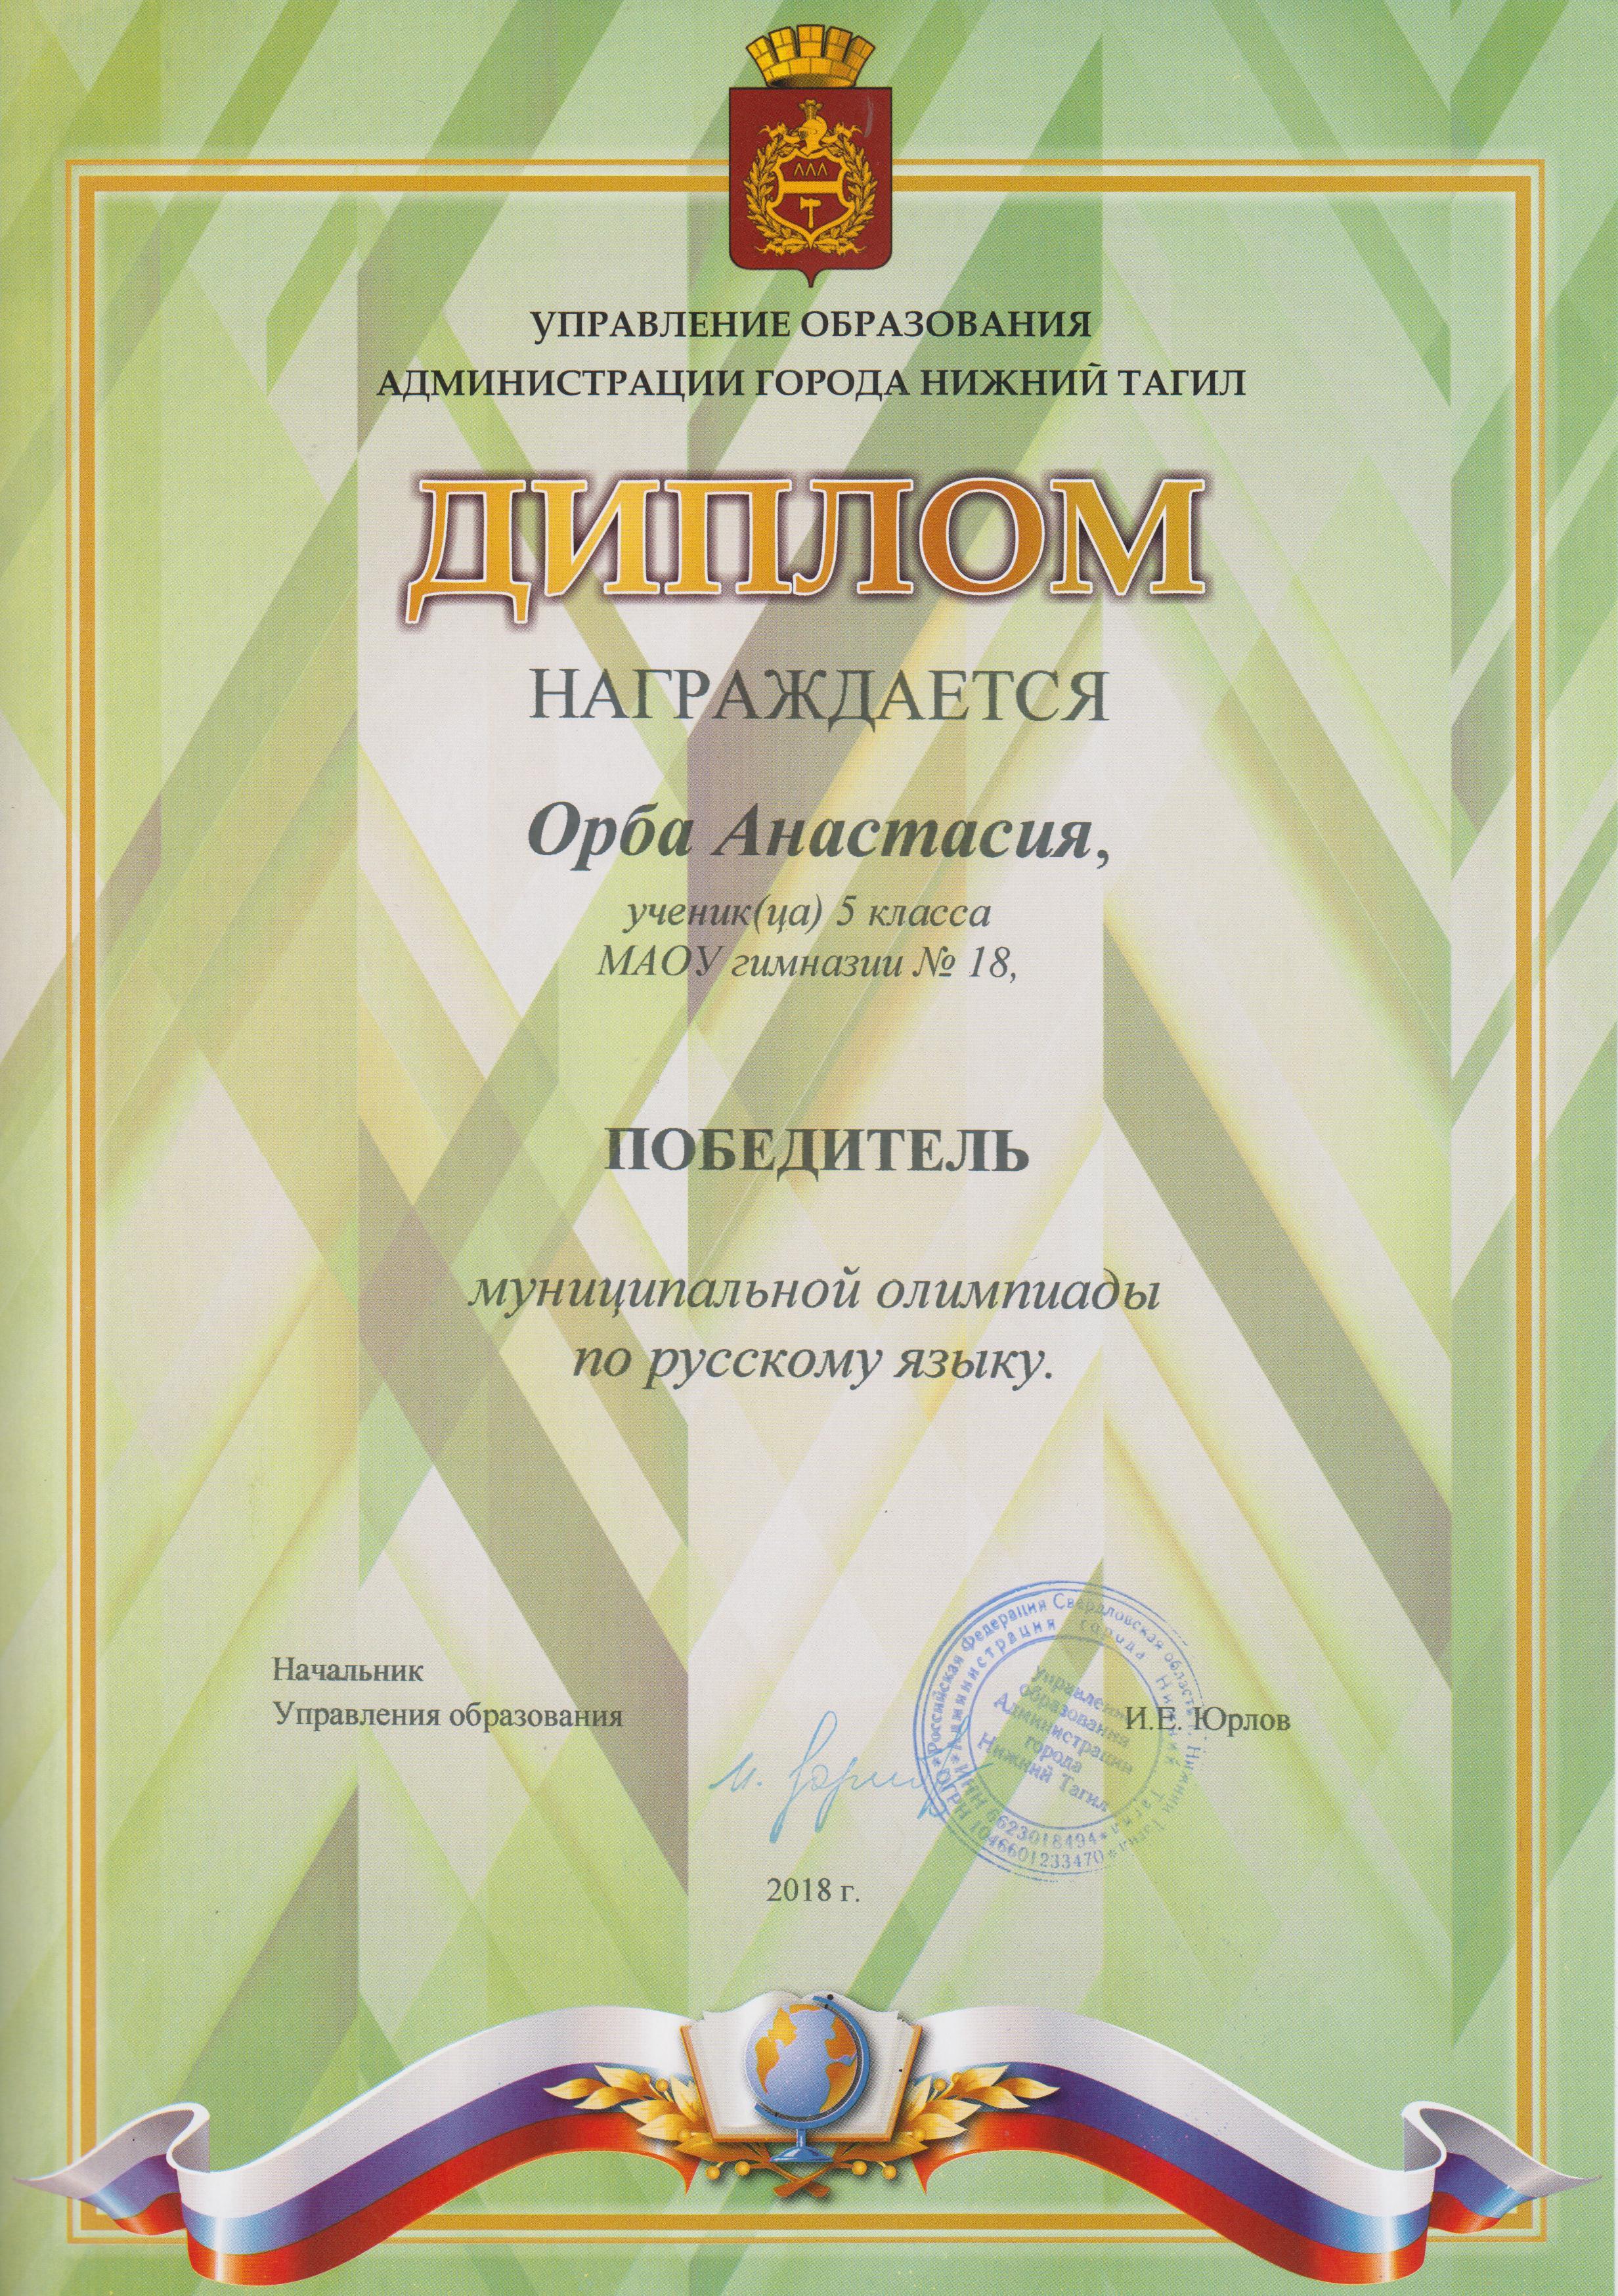 Ол. РЯ Орба 2018